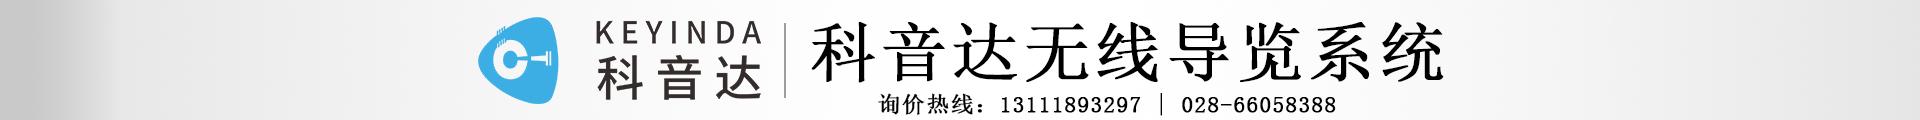 成都騰辰數碼科技有限公司